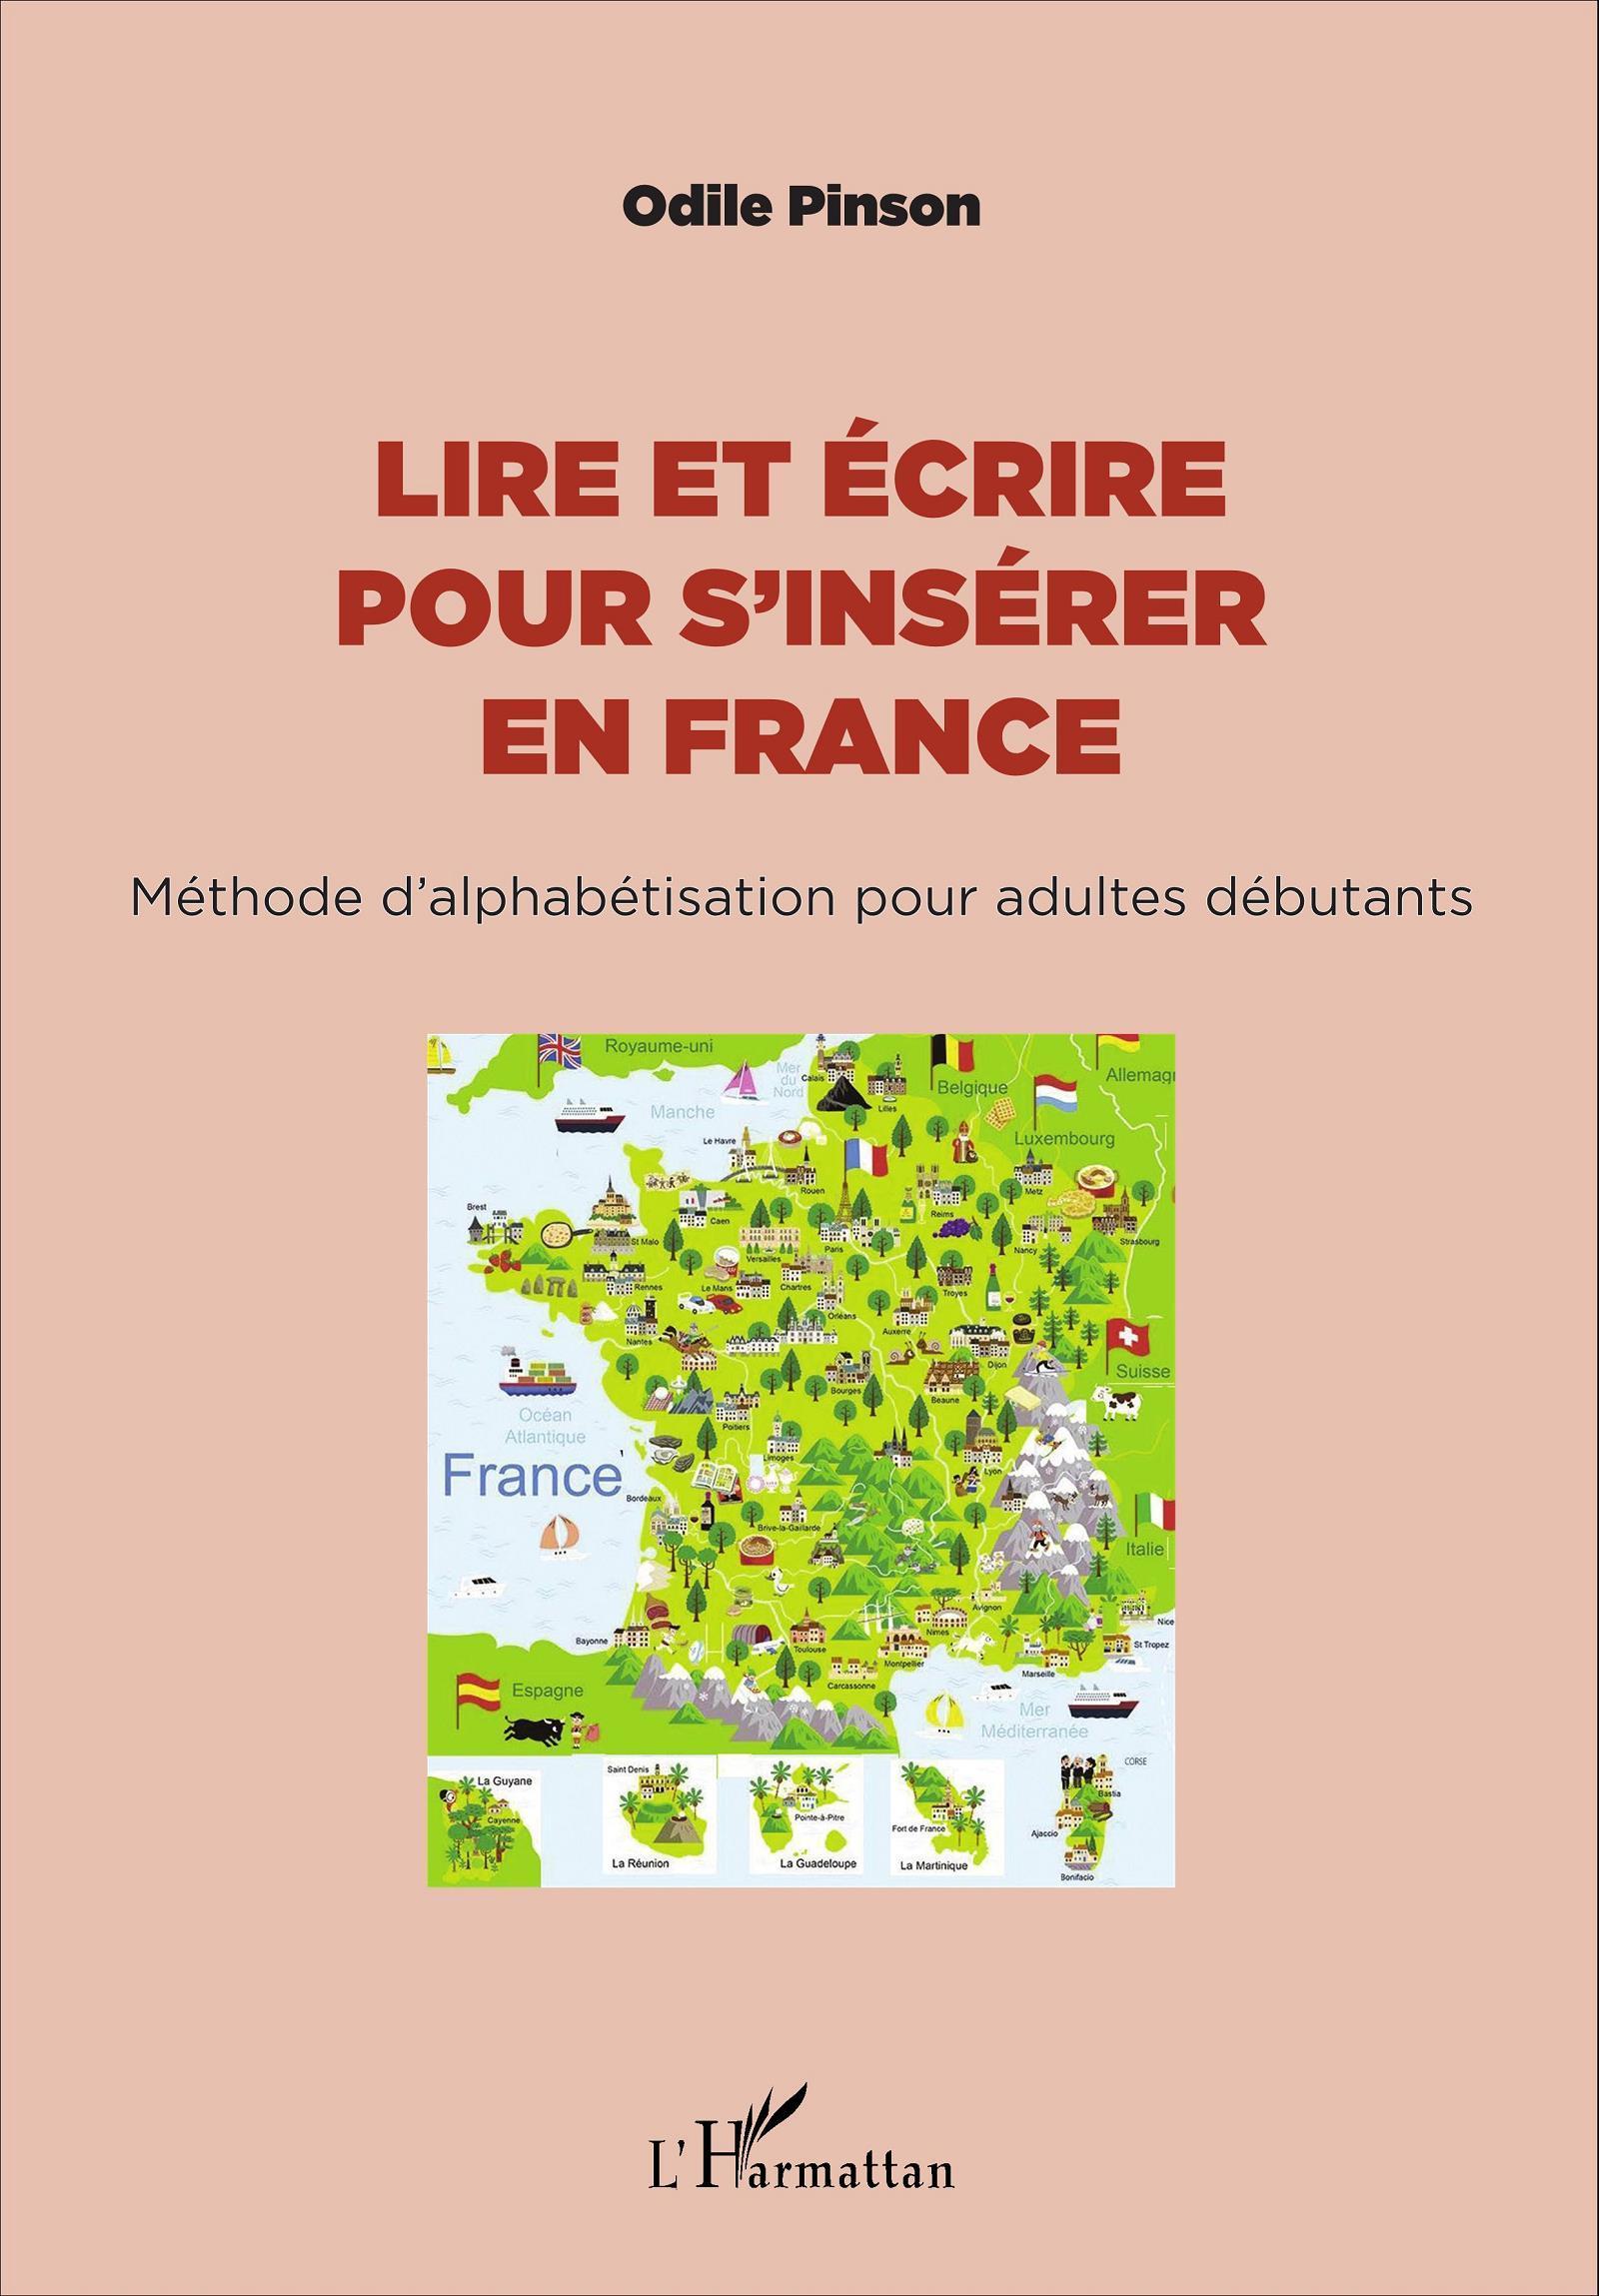 LIRE ET ECRIRE POUR S'INSERER EN FRANCE METHODE D'ALPHABETISATION POUR ADULTES DEBUTANTS